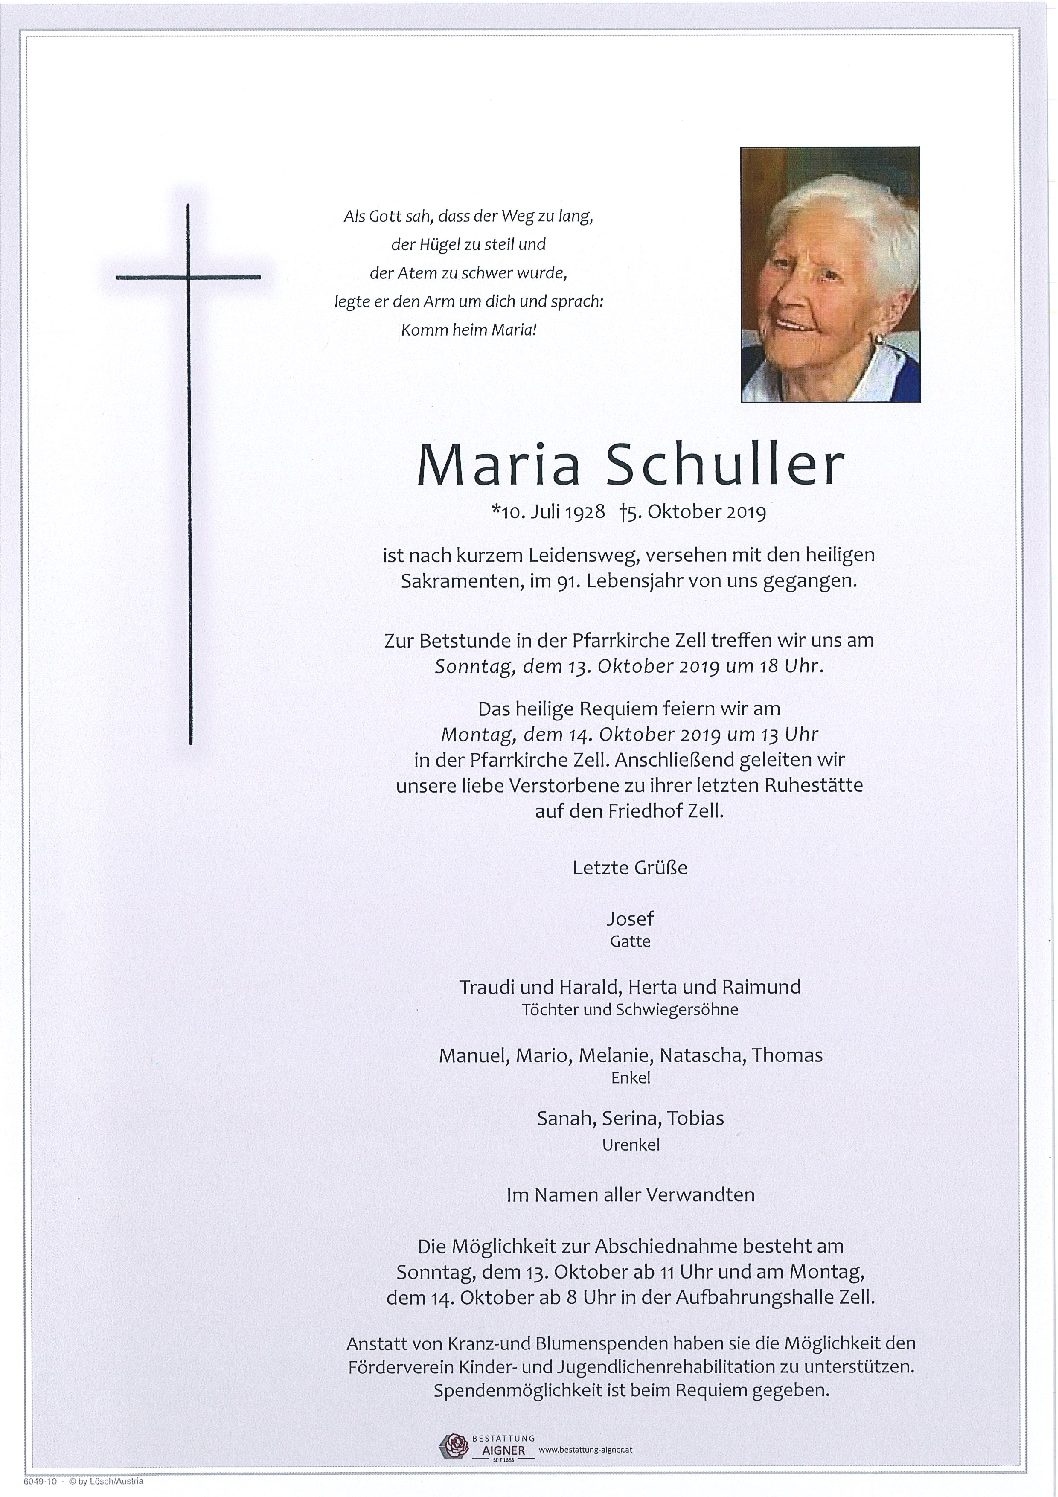 Maria Schuller